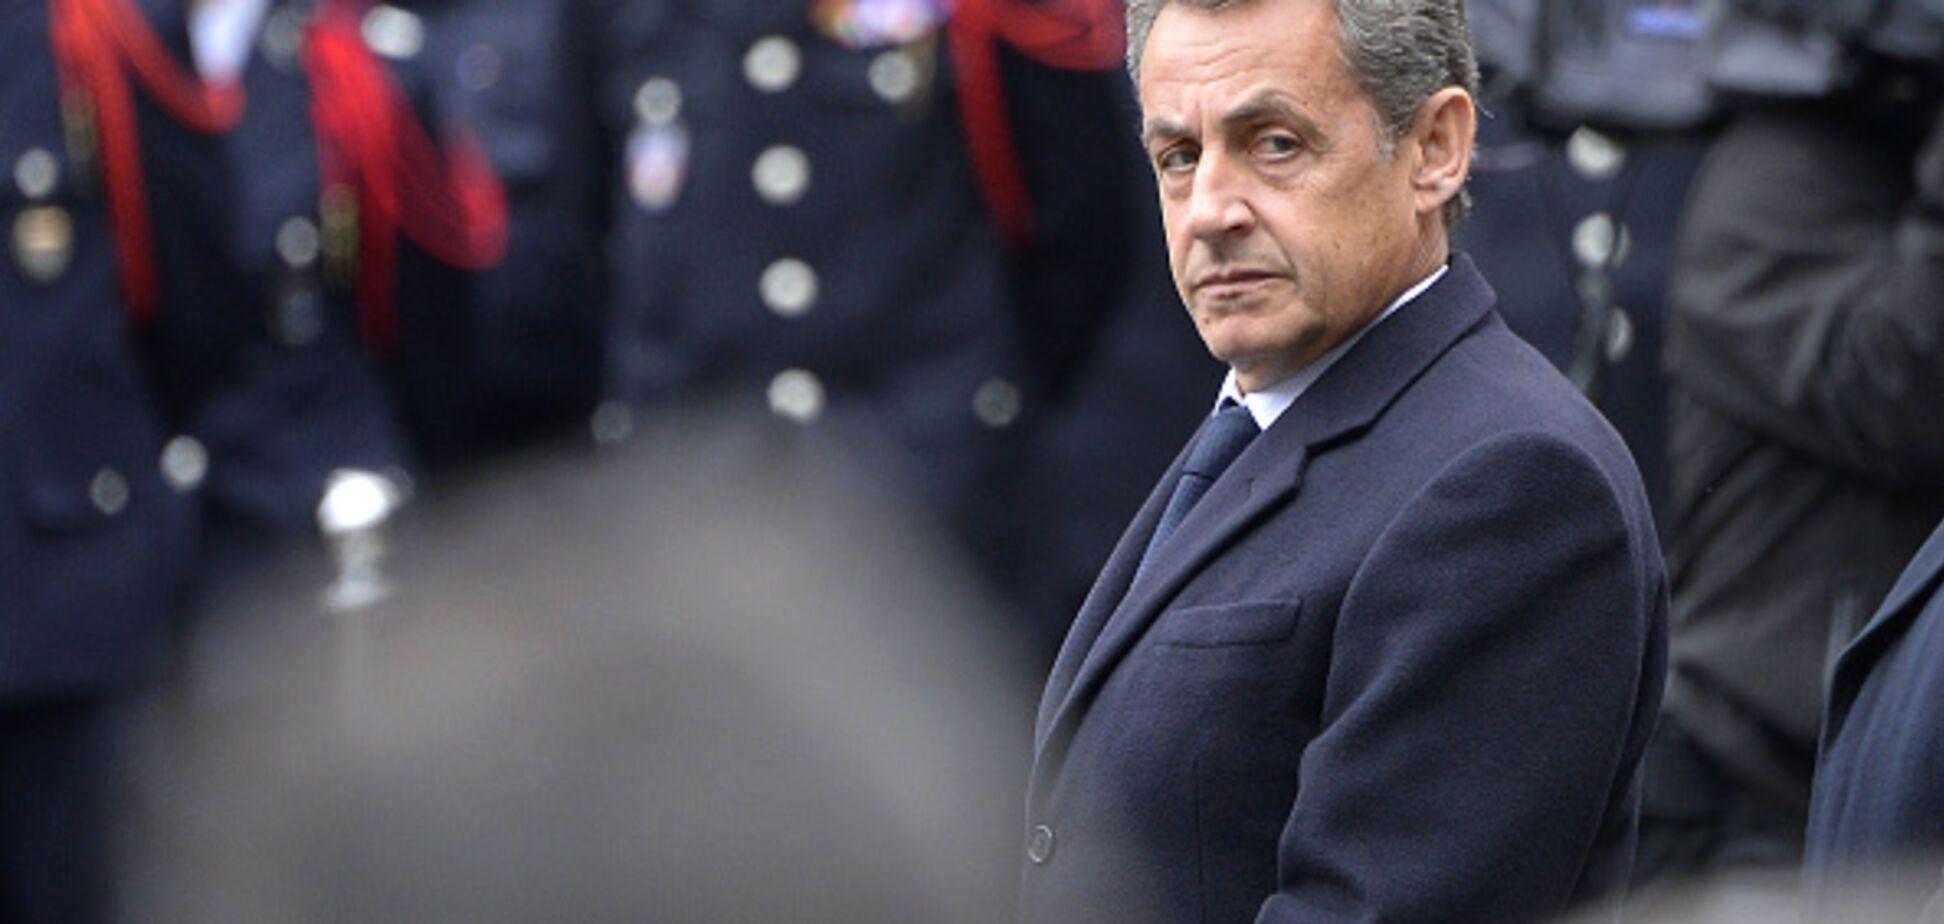 Саркози задержан: эксперт объяснил, что грозит экс-президенту Франции